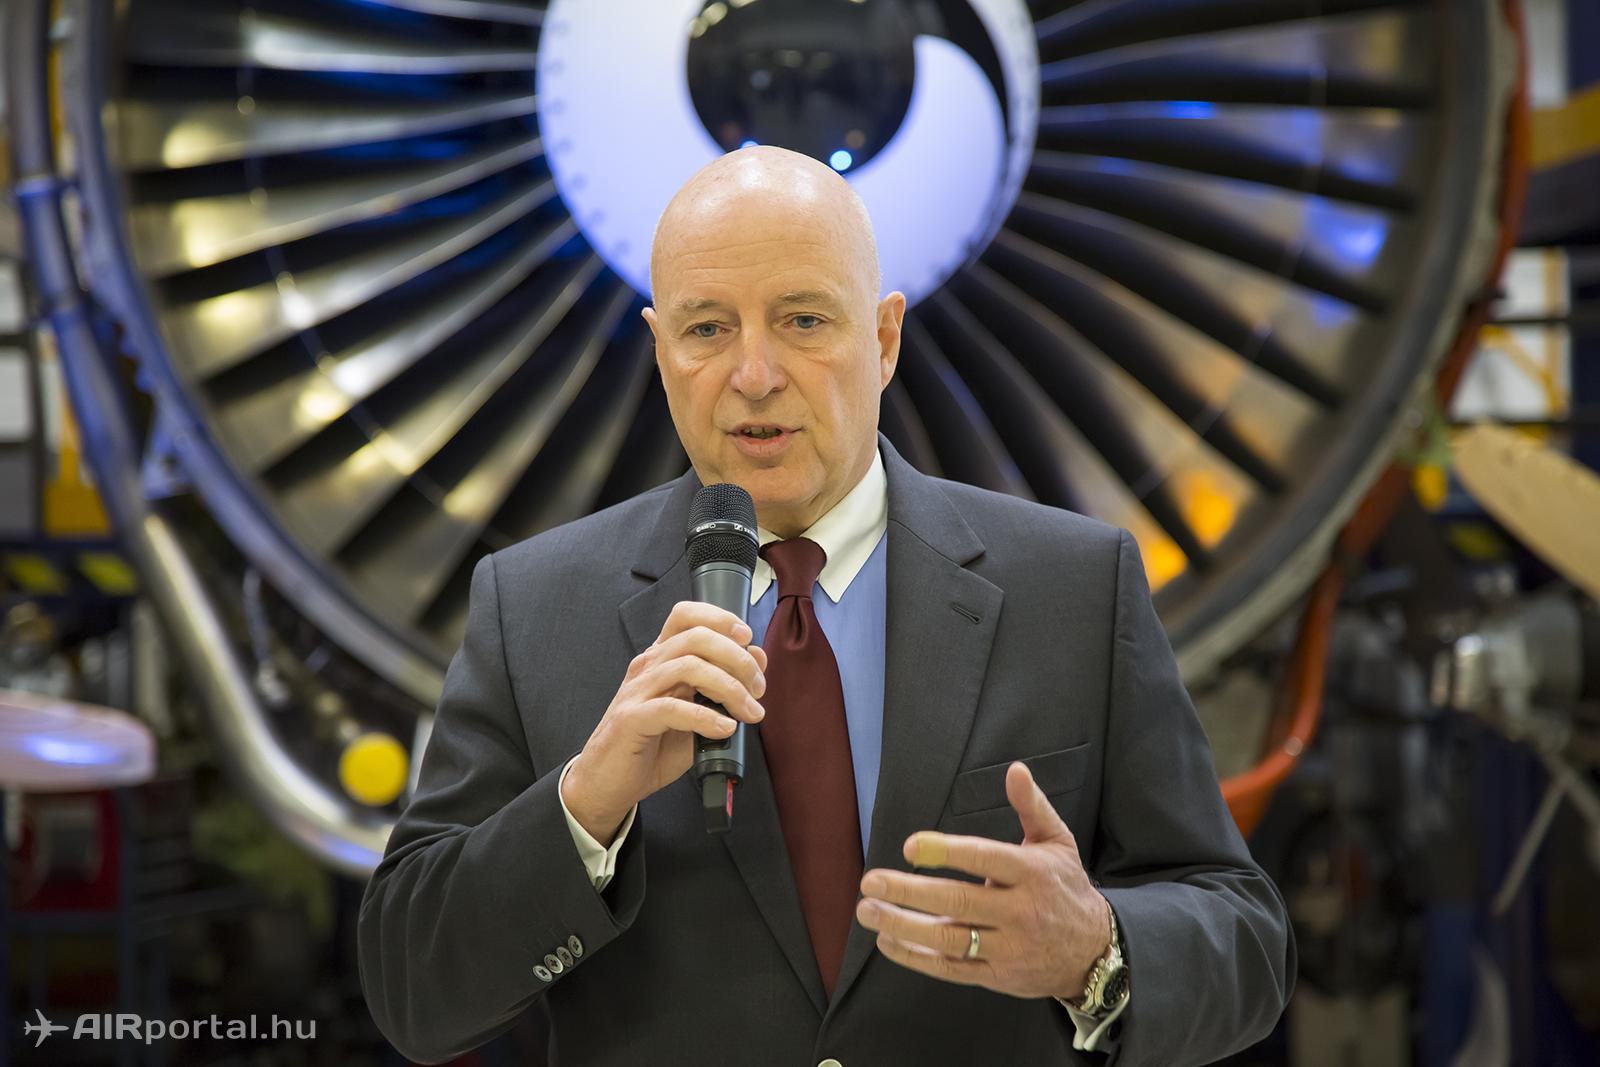 Kay Kratky, a Lufthansa a igazgatósági tagja. | © AIRportal.hu